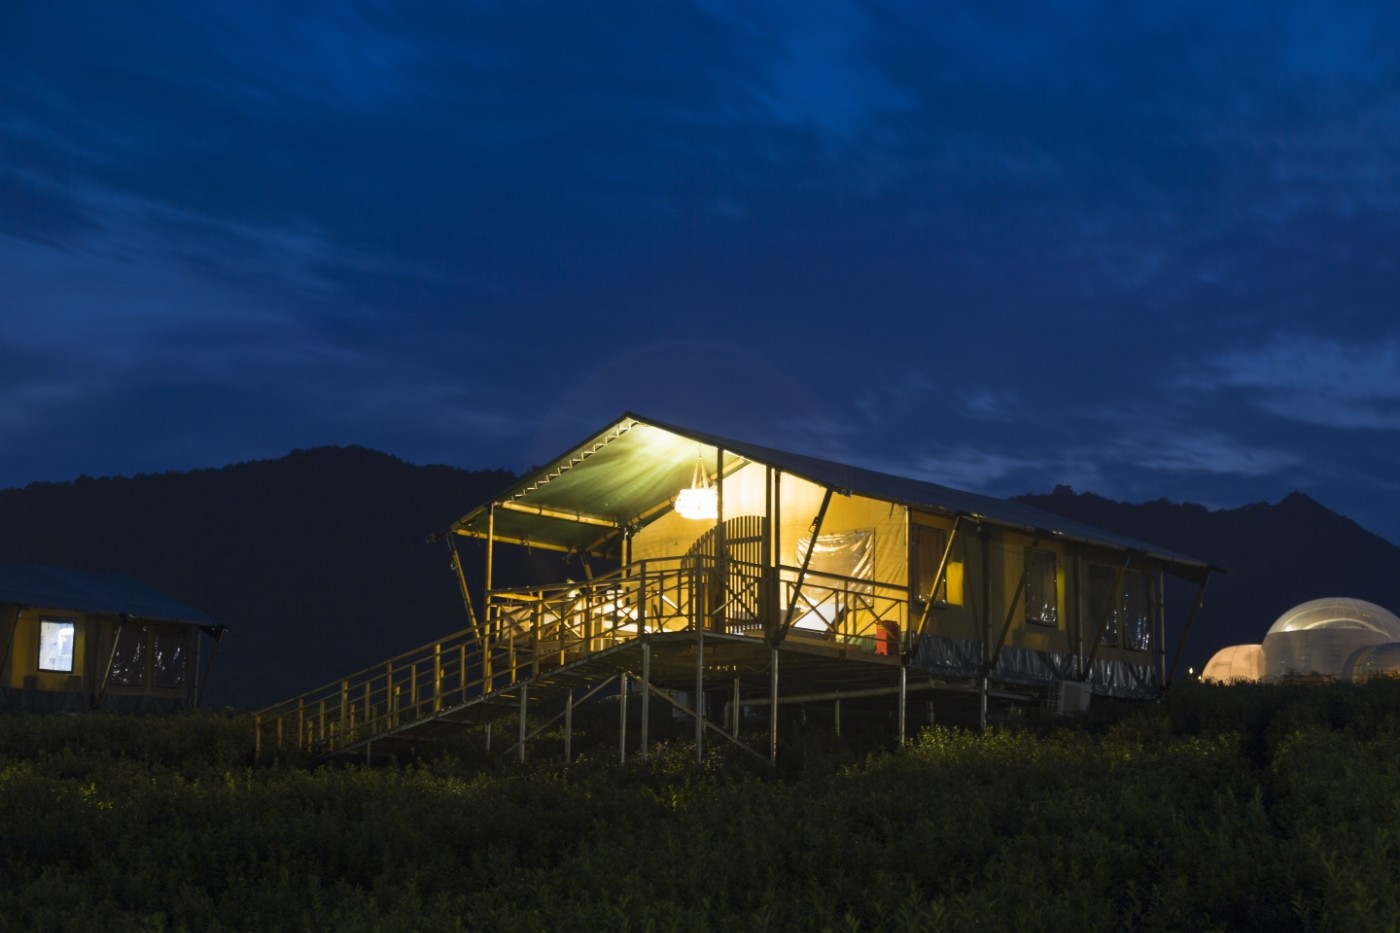 喜马拉雅野奢帐篷酒店—宝盛园夜色19